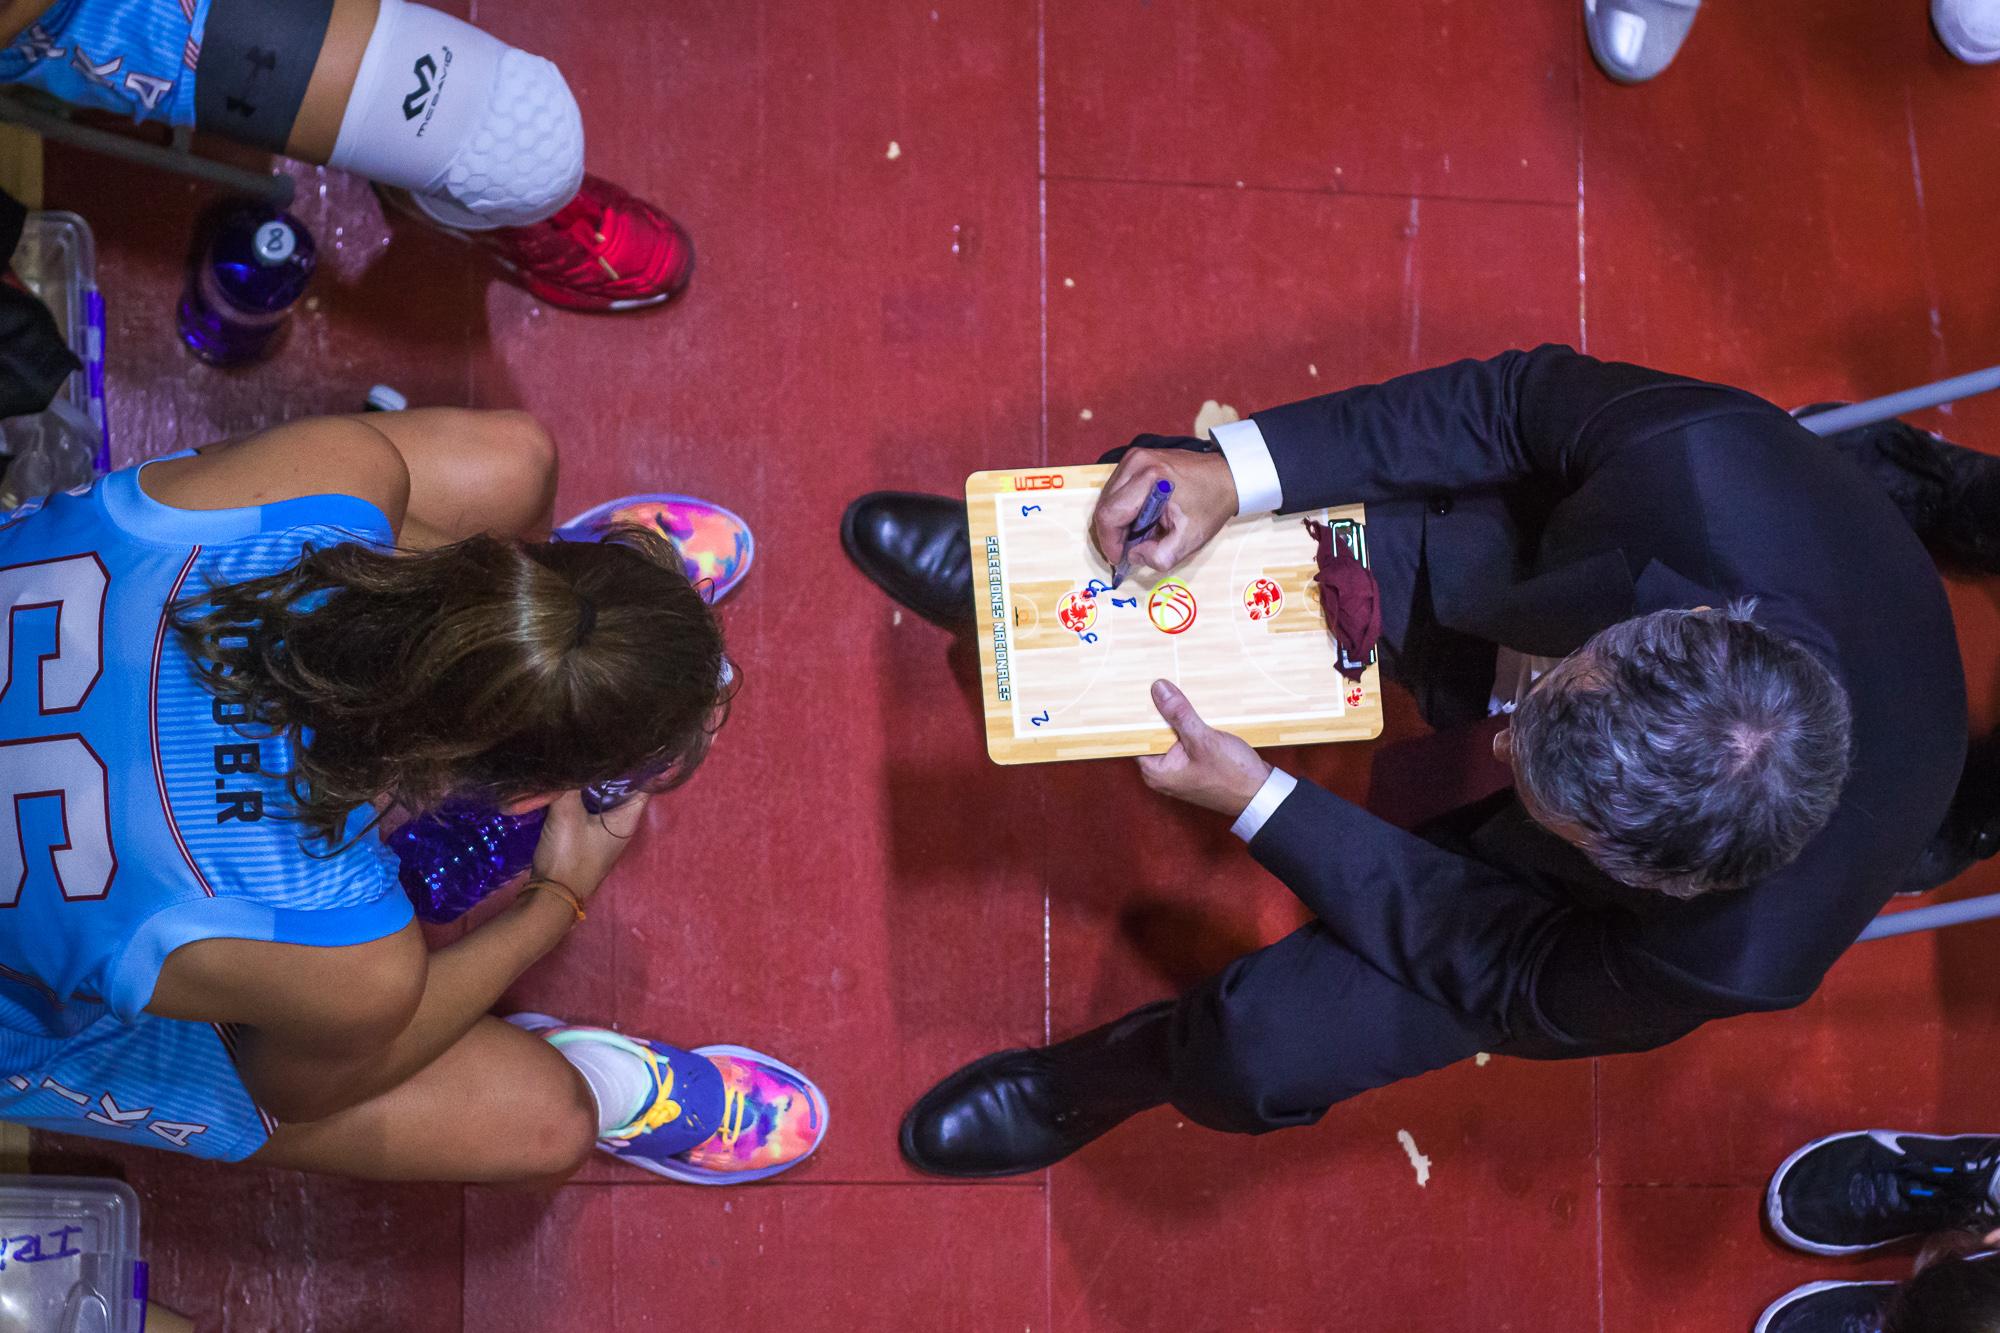 Mario Lopez prepara una jugada durante un tiempo muerto (Foto: Luis Fernando Boo).